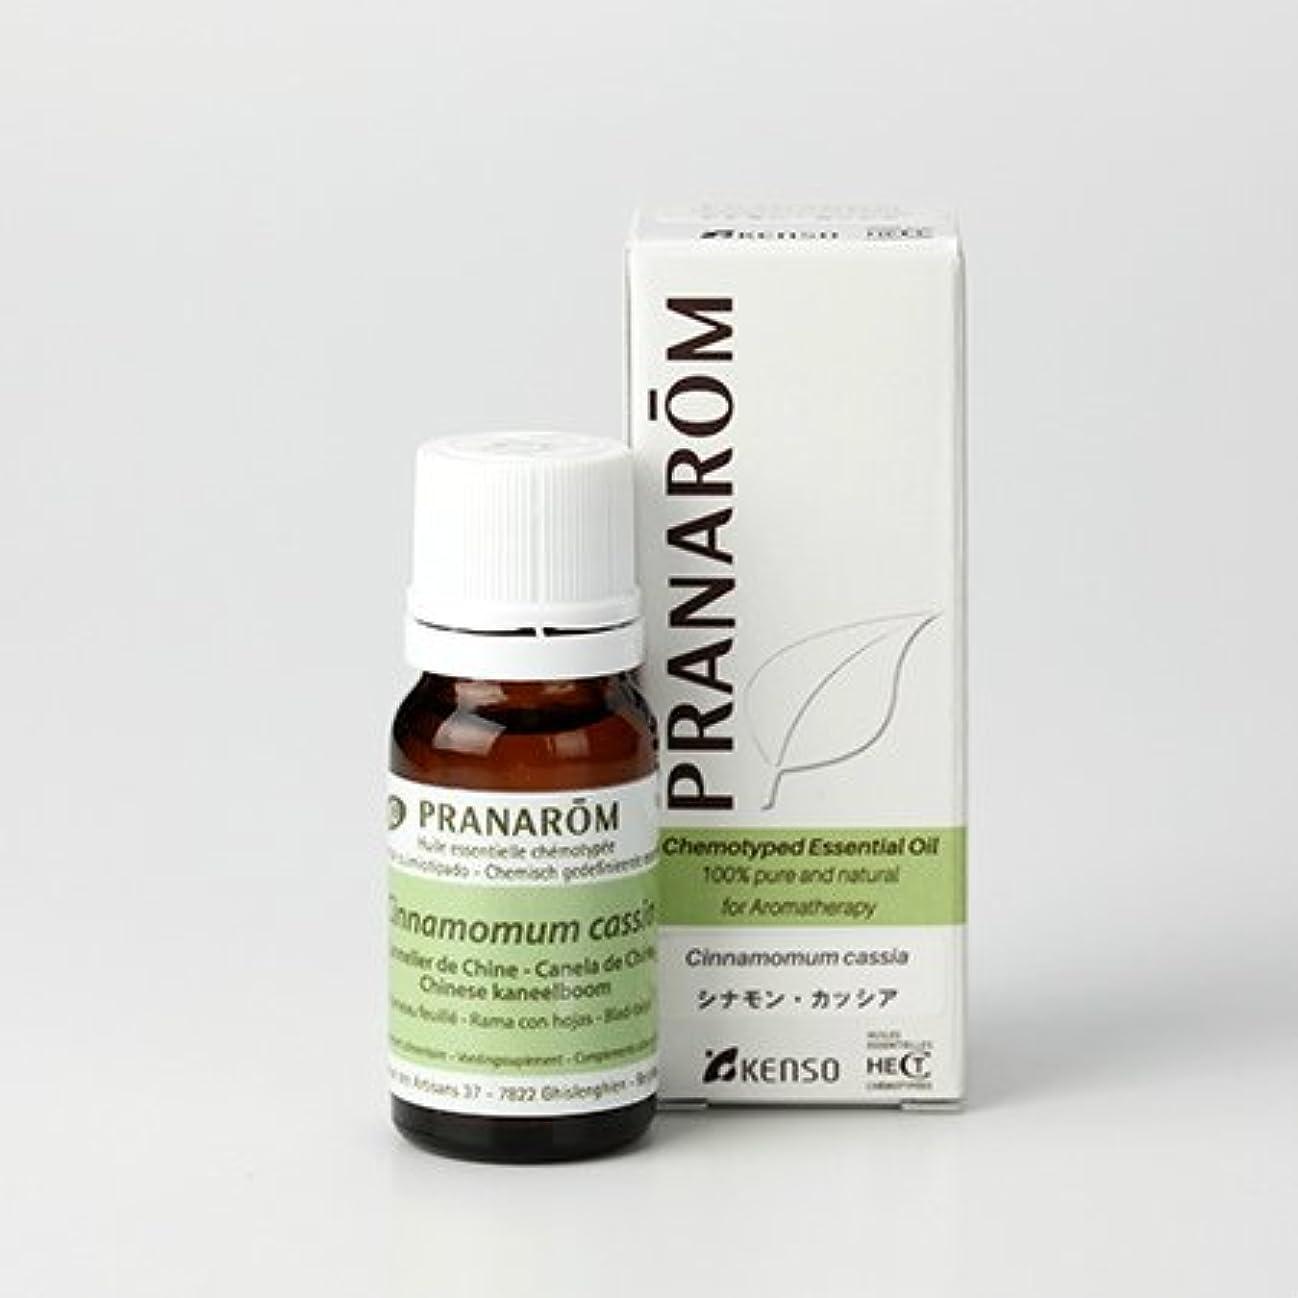 ファンタジーブランド時間とともにプラナロム シナモンカッシア 10ml (PRANAROM ケモタイプ精油)